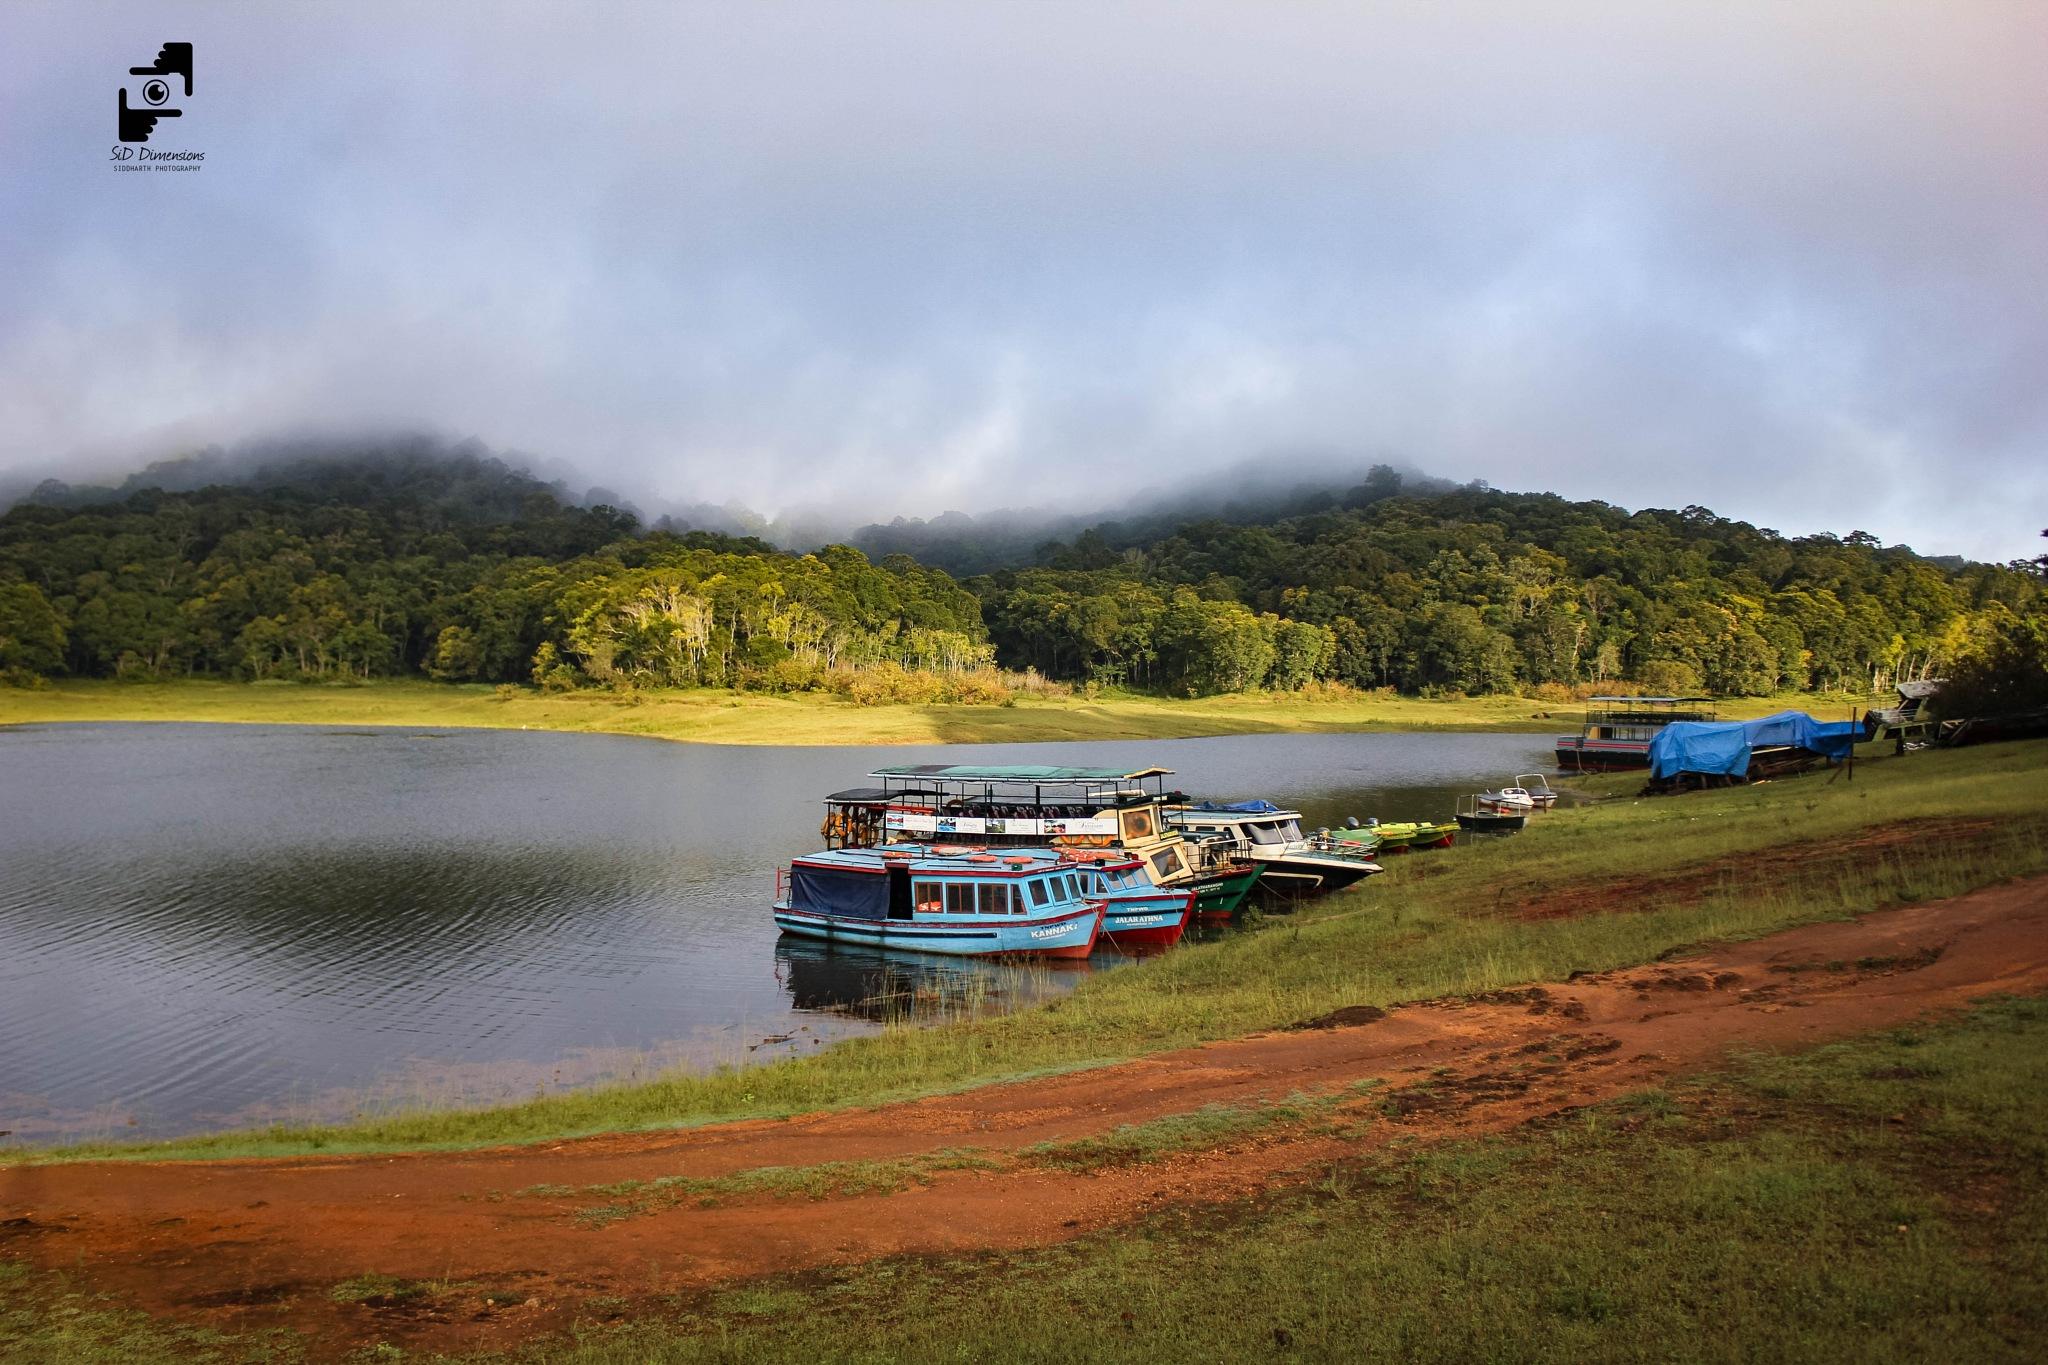 Boating by Siddharth